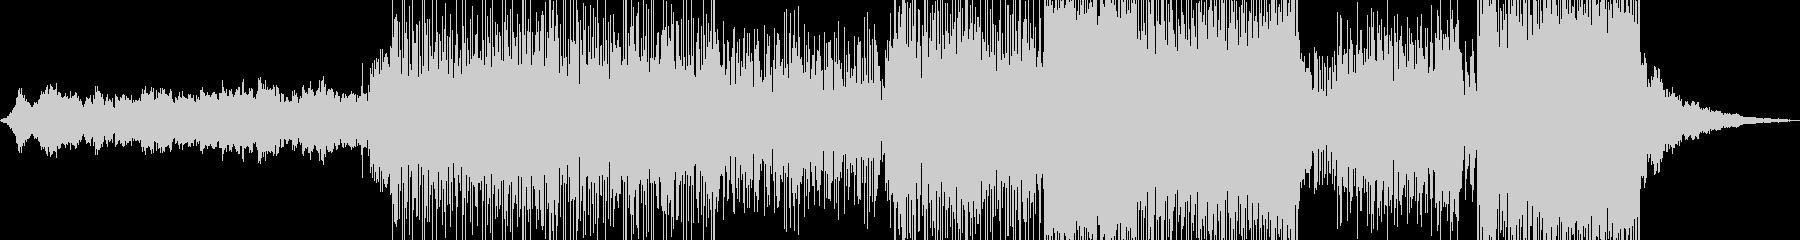 琴・三味線・演歌調ポップ&ロック +の未再生の波形